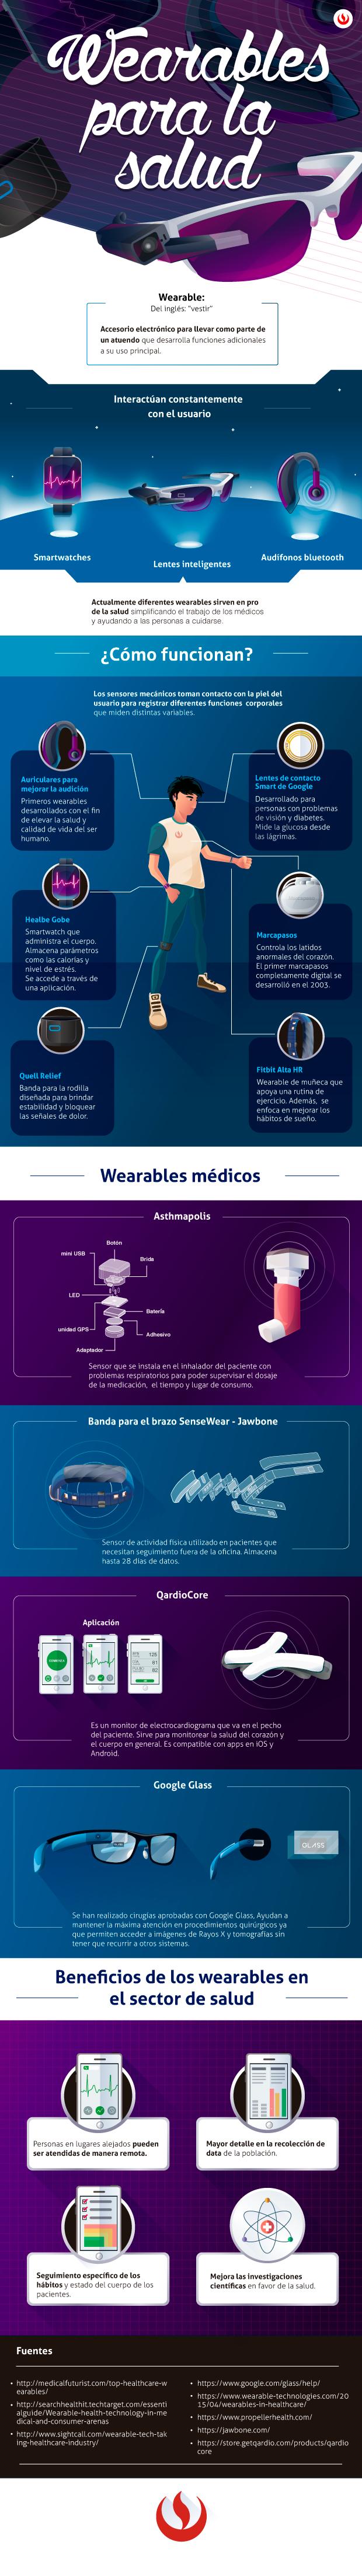 Infografía Wearables para la salud.